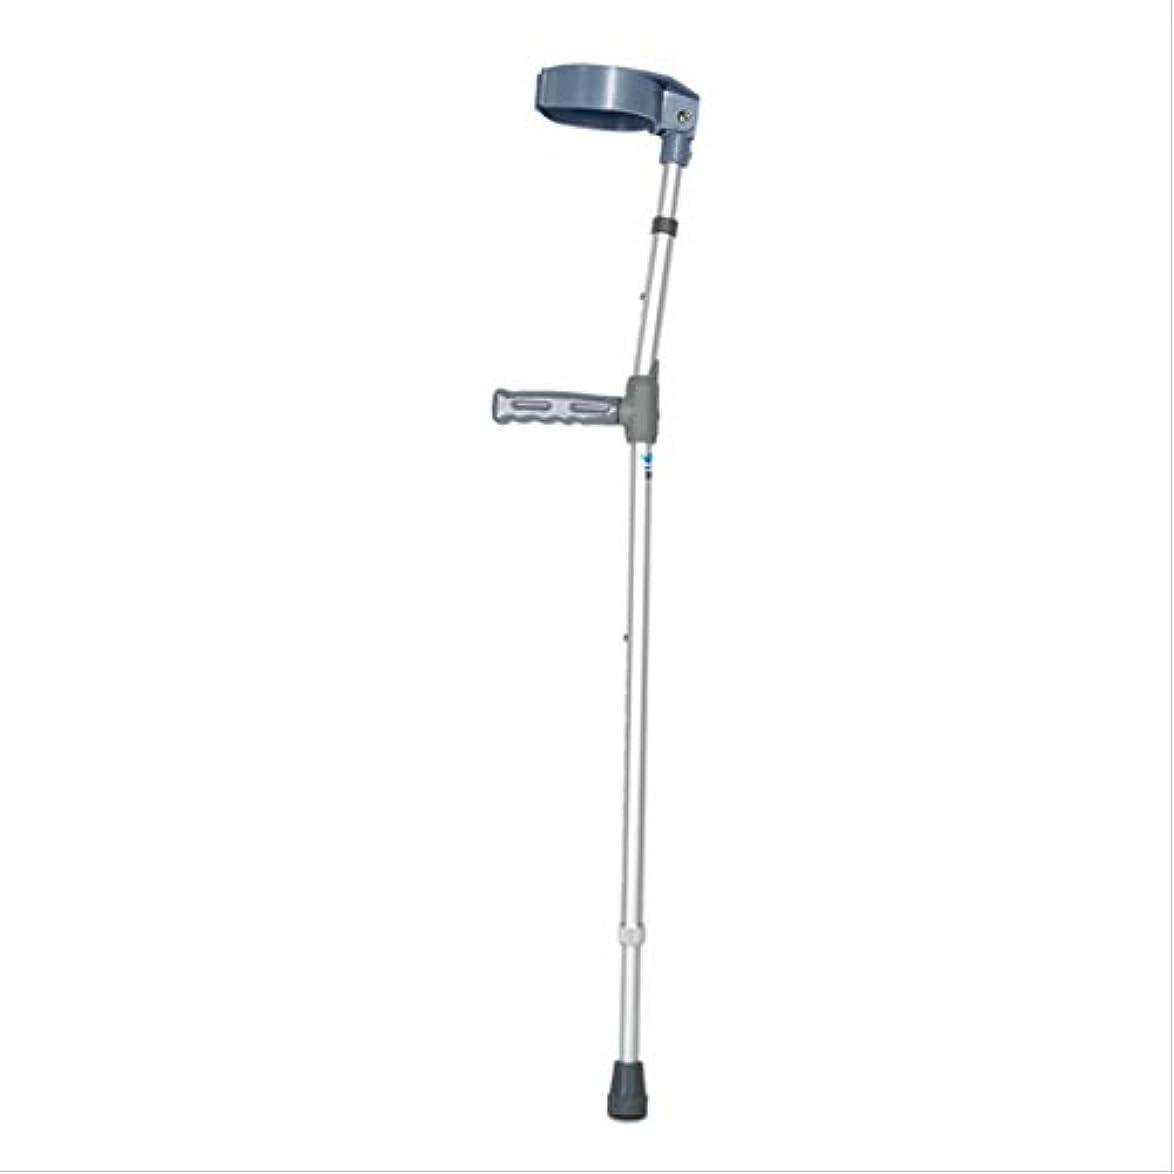 カスケードスカウト場所医療器 クラッチ カフクラッチ杖 ジャストフィット 10段階調節可能93cm~123cm リハビリ 介護補助 アウトドア トレ